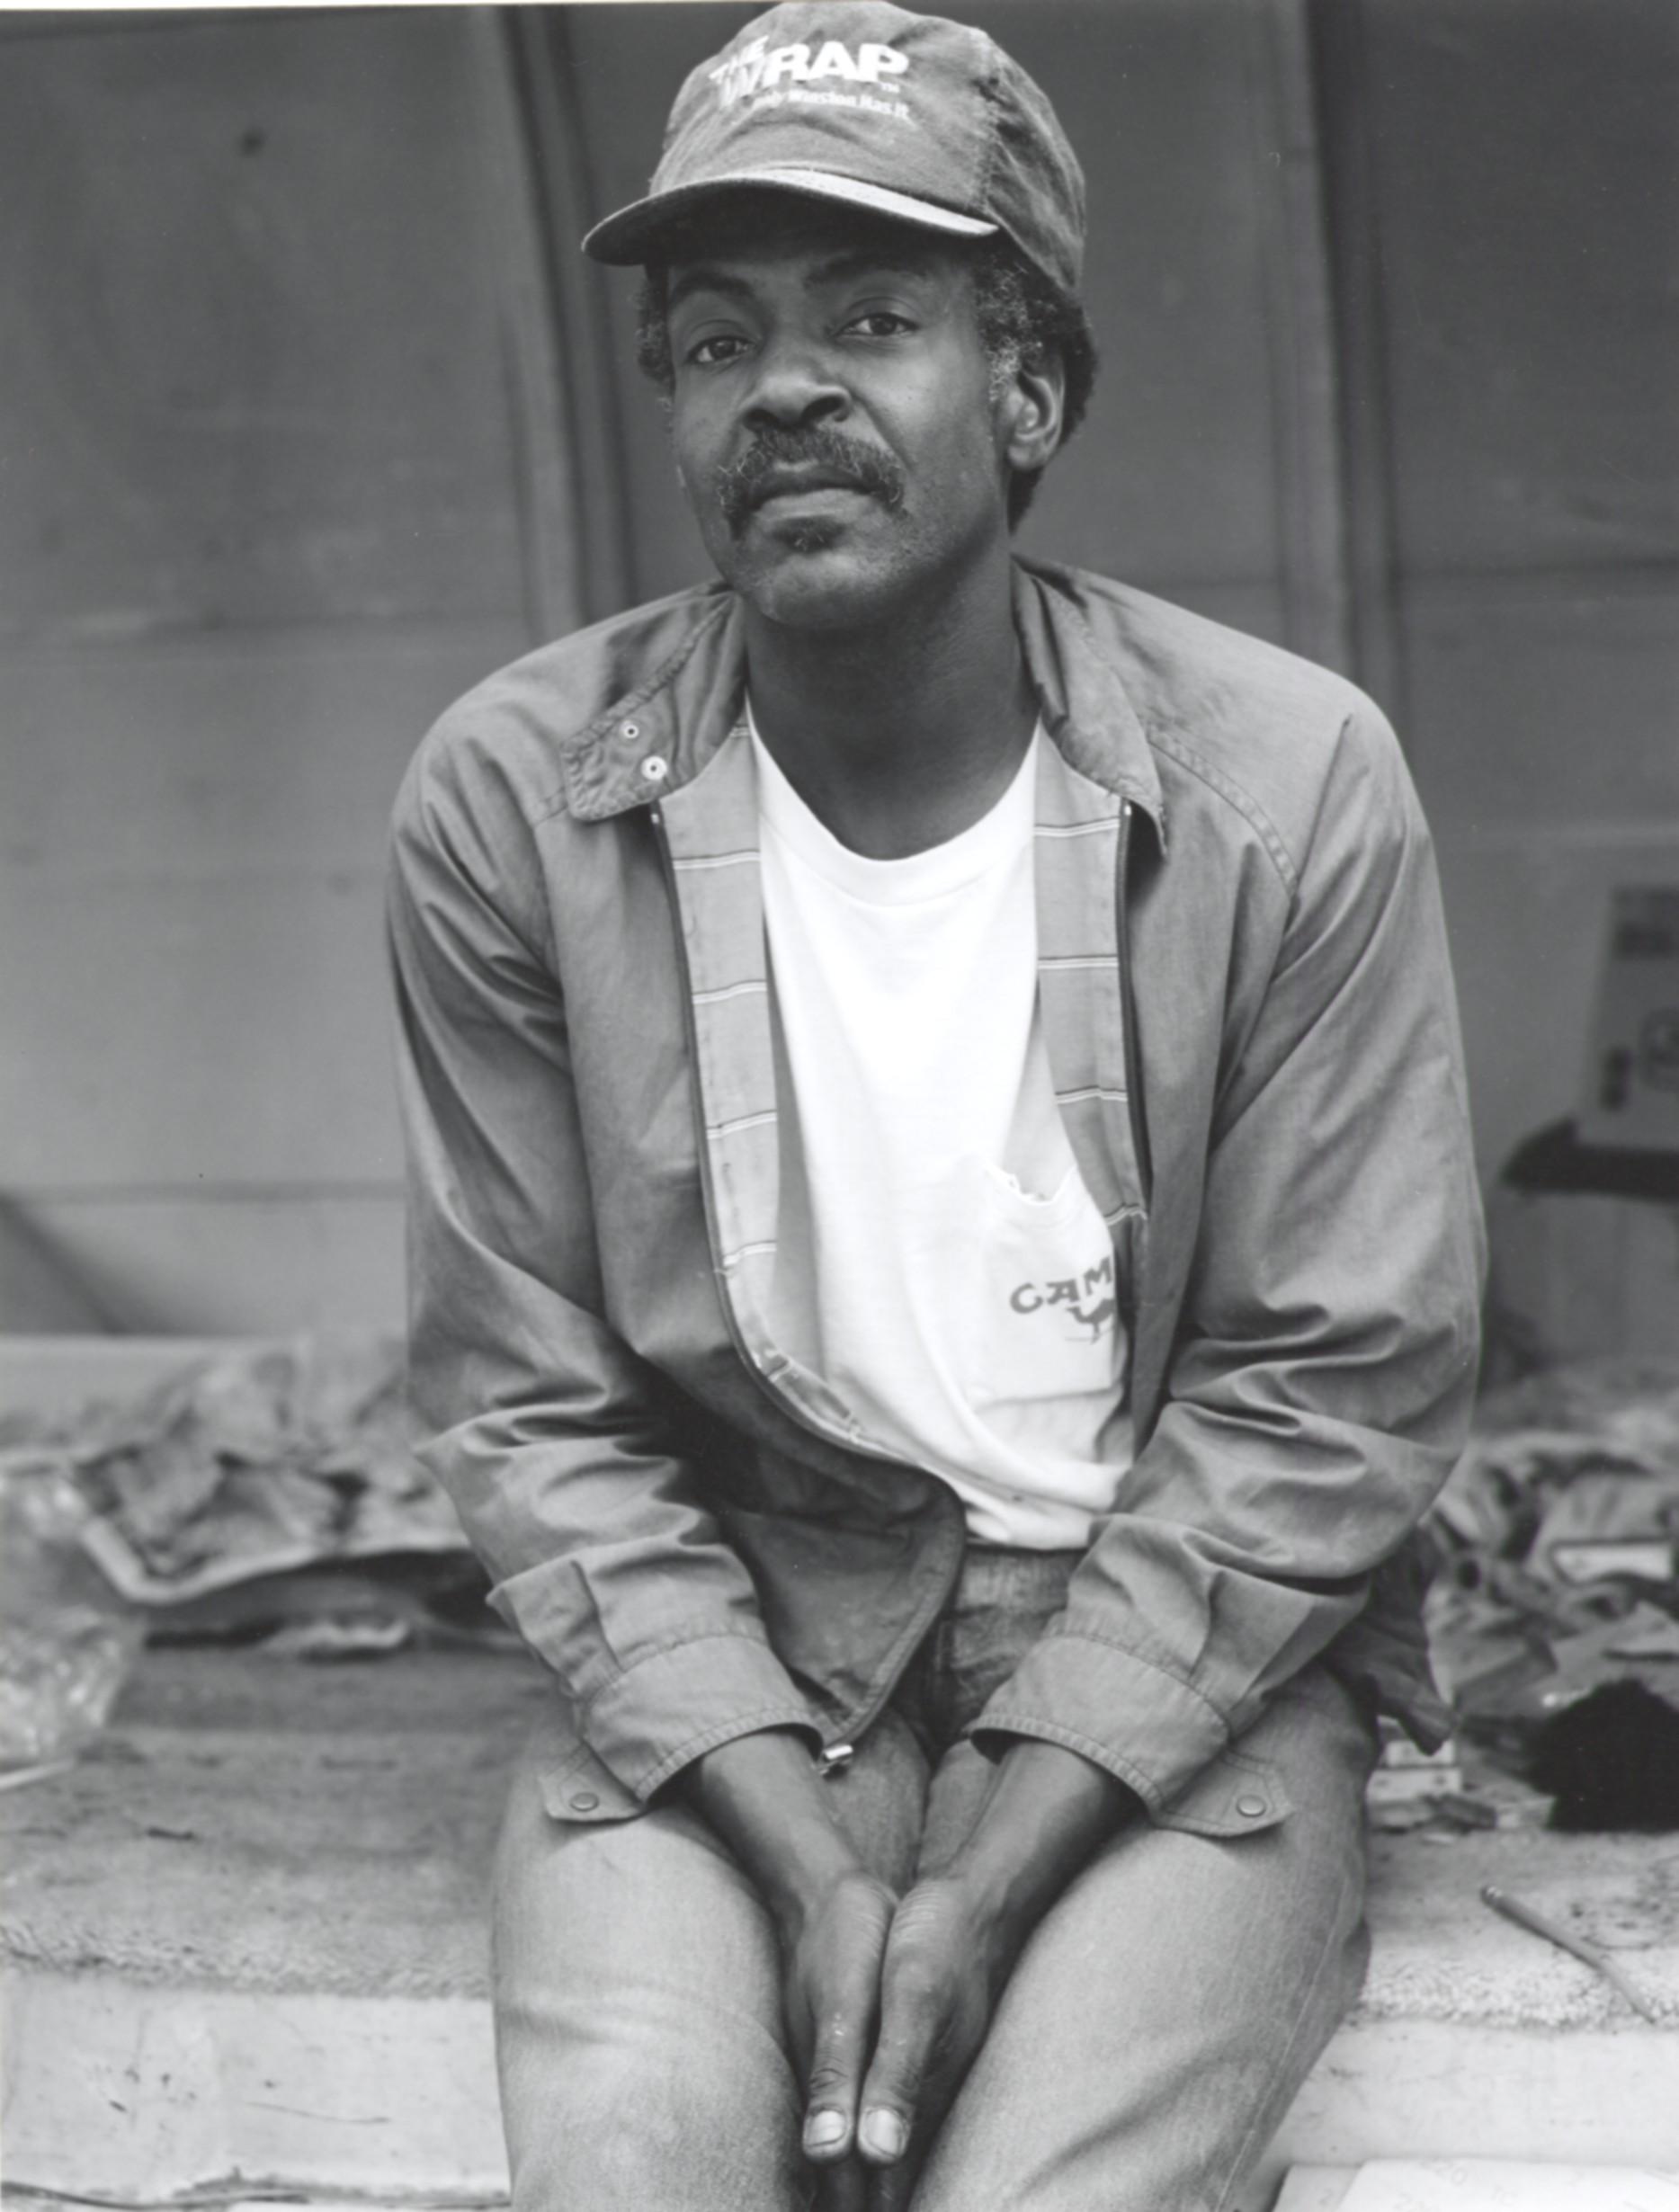 Charles - Pasadena CA 1990's